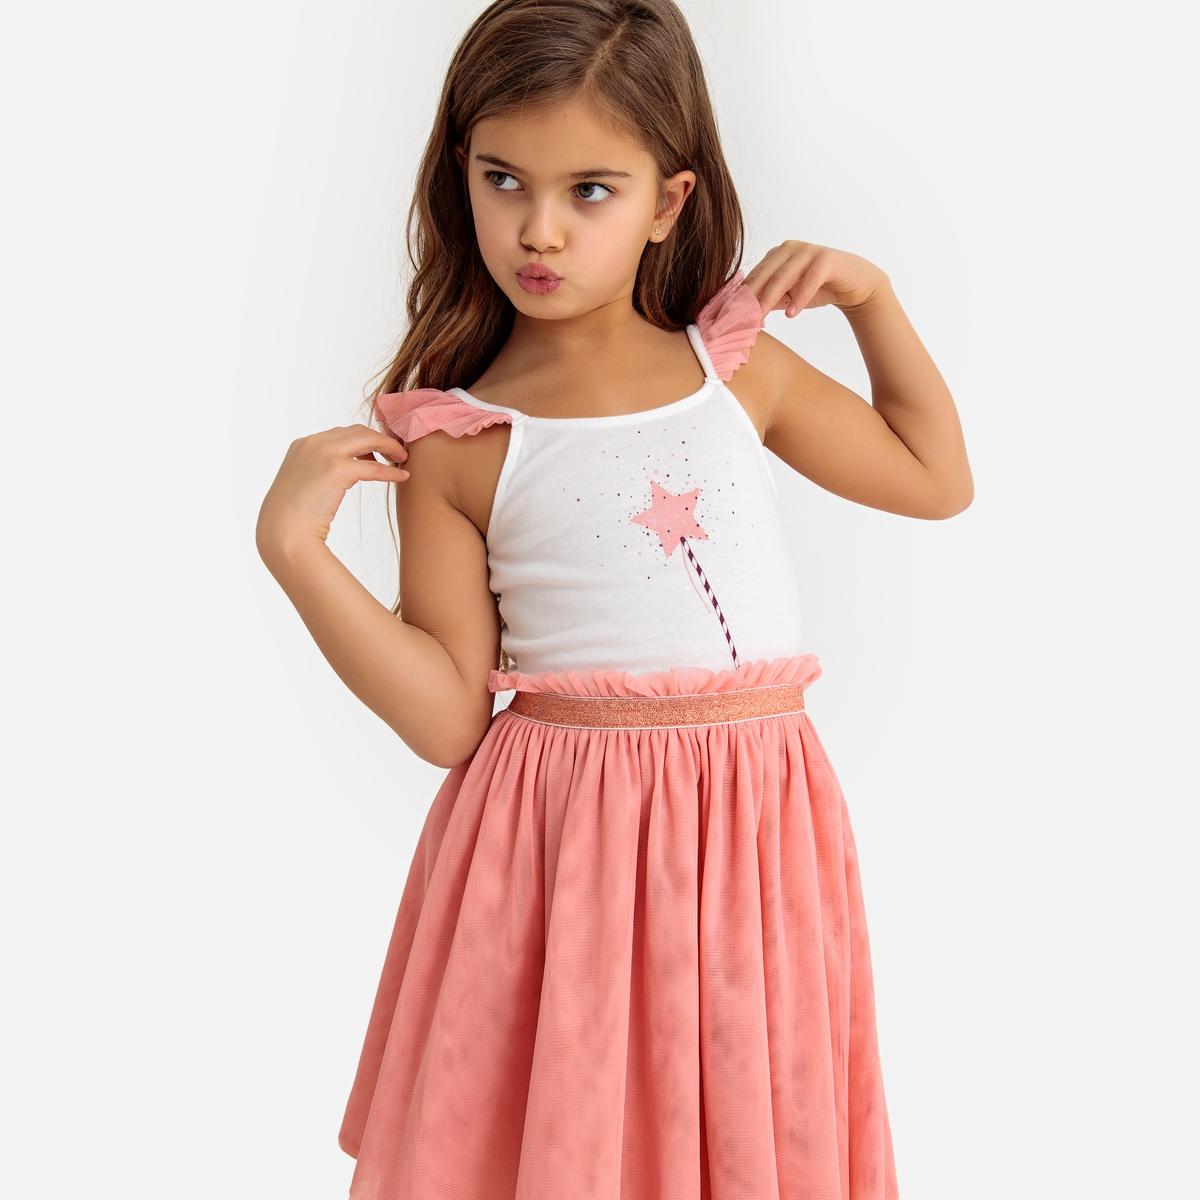 Платье La Redoute Без рукавов из хлопка и тюля 3 года - 94 см розовый платье la redoute из мольтона в полоску и тюля мес года 3 года 94 см розовый